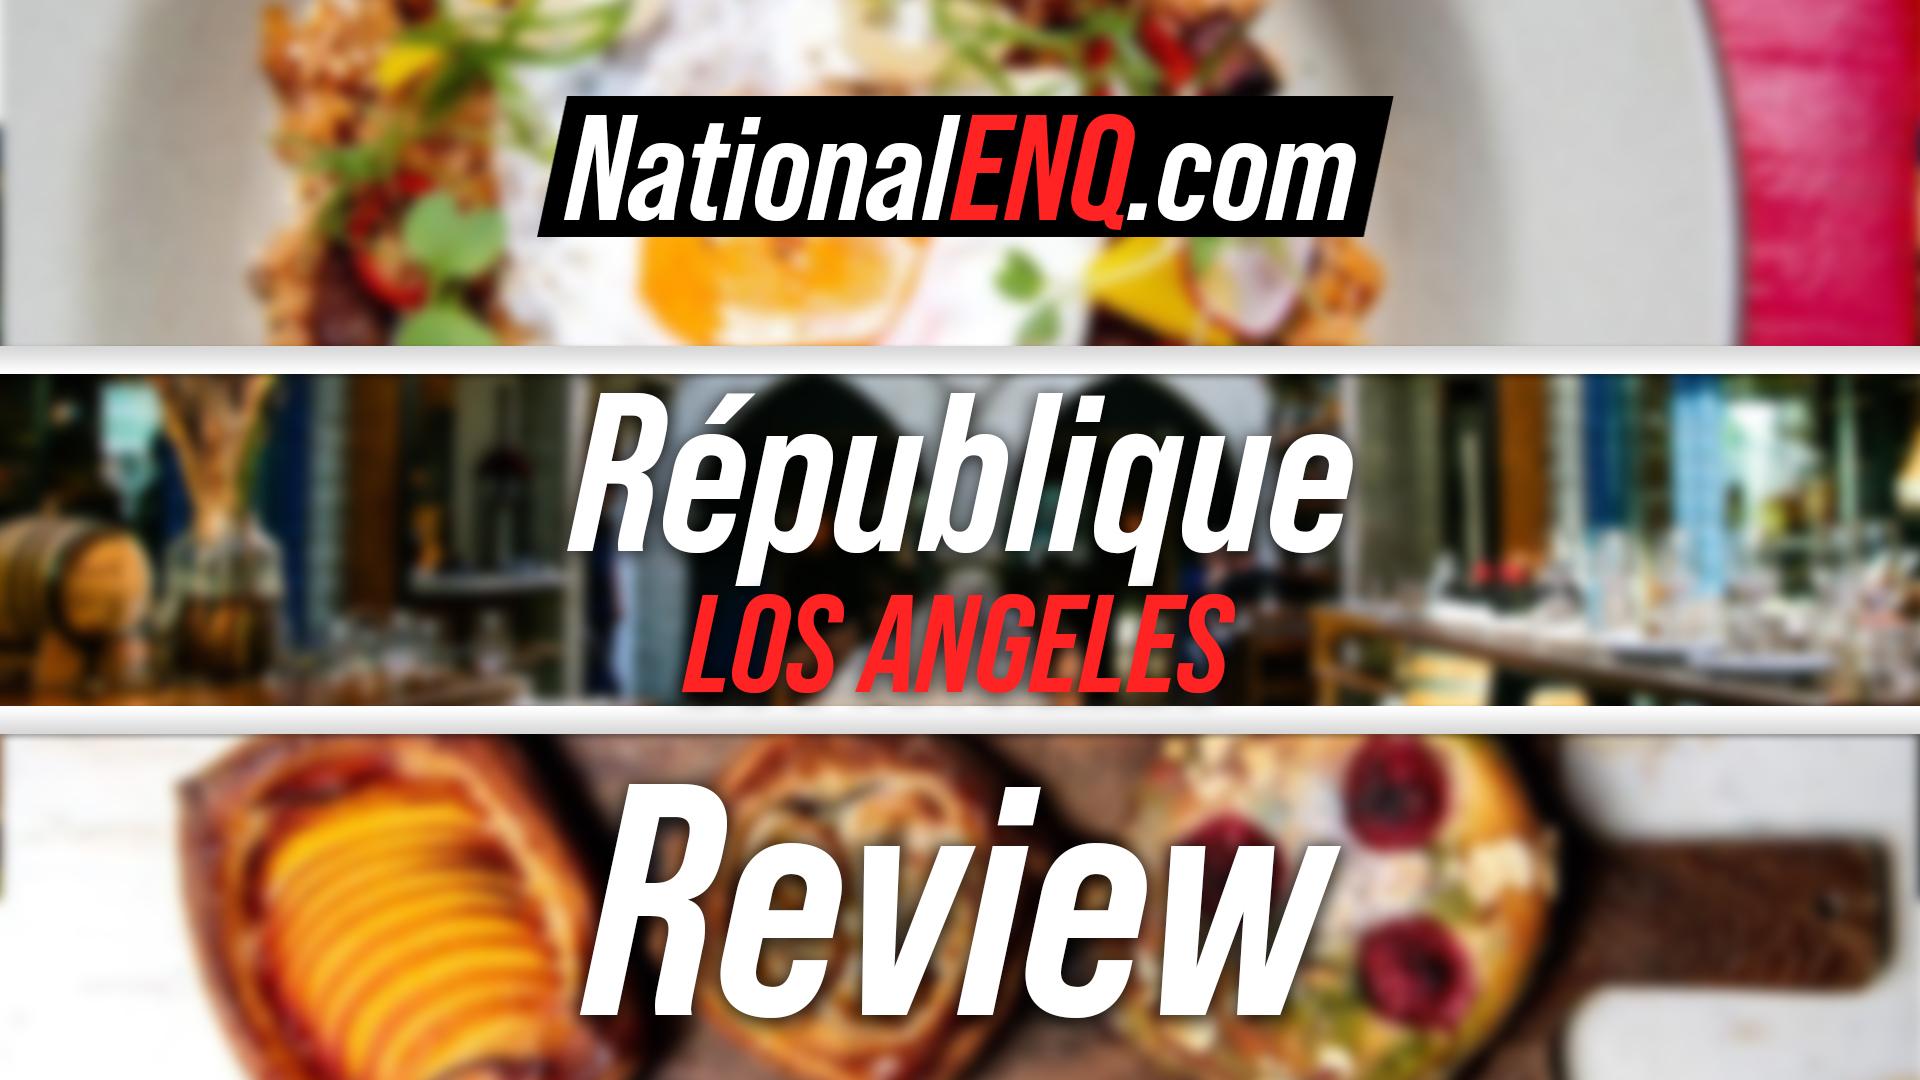 Republiqué Los Angeles National ENQ Review – Republique LA Is a Must in Los Angeles, California – NationalENQ.com